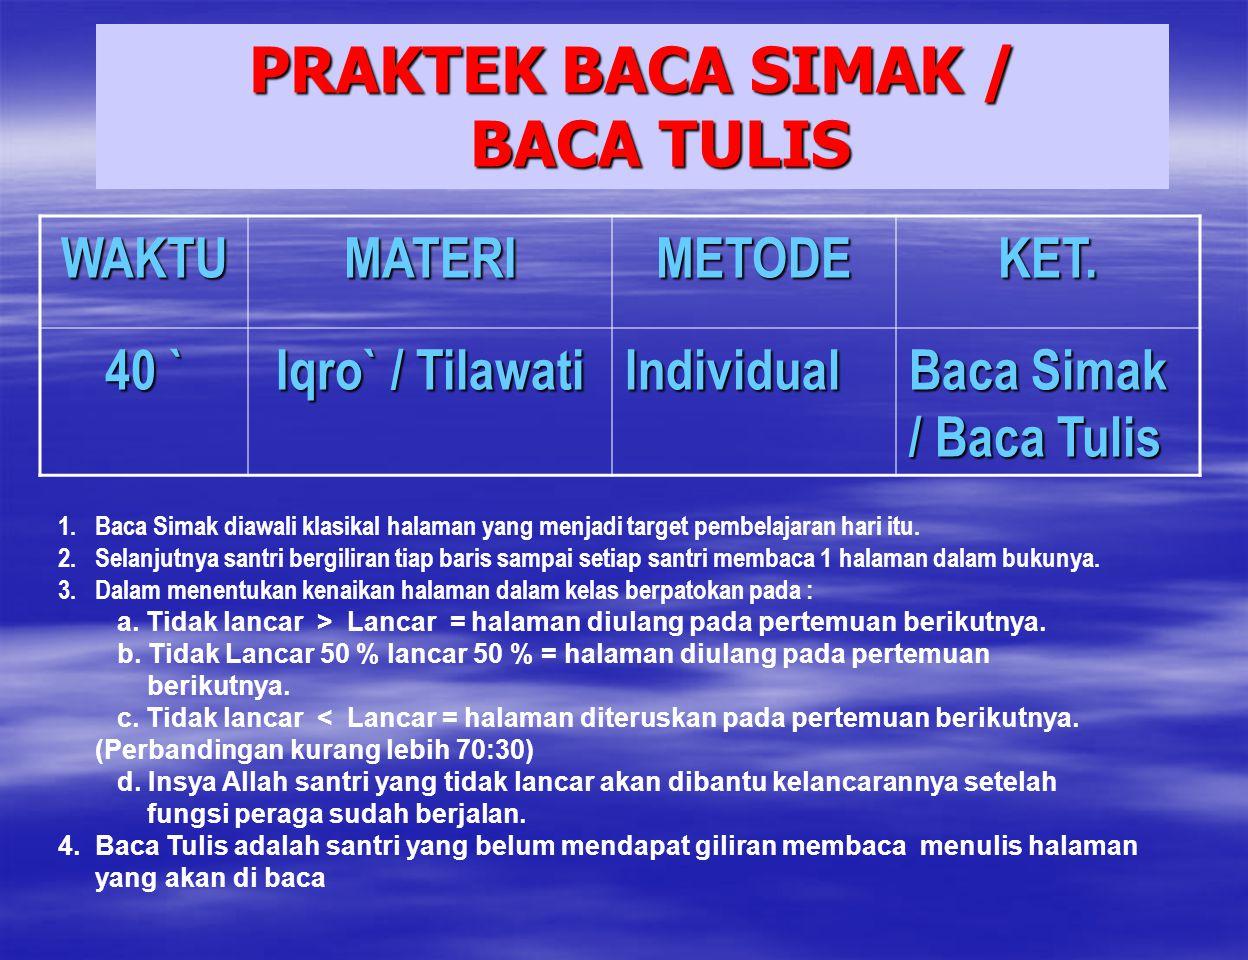 PRAKTEK BACA SIMAK / BACA TULIS